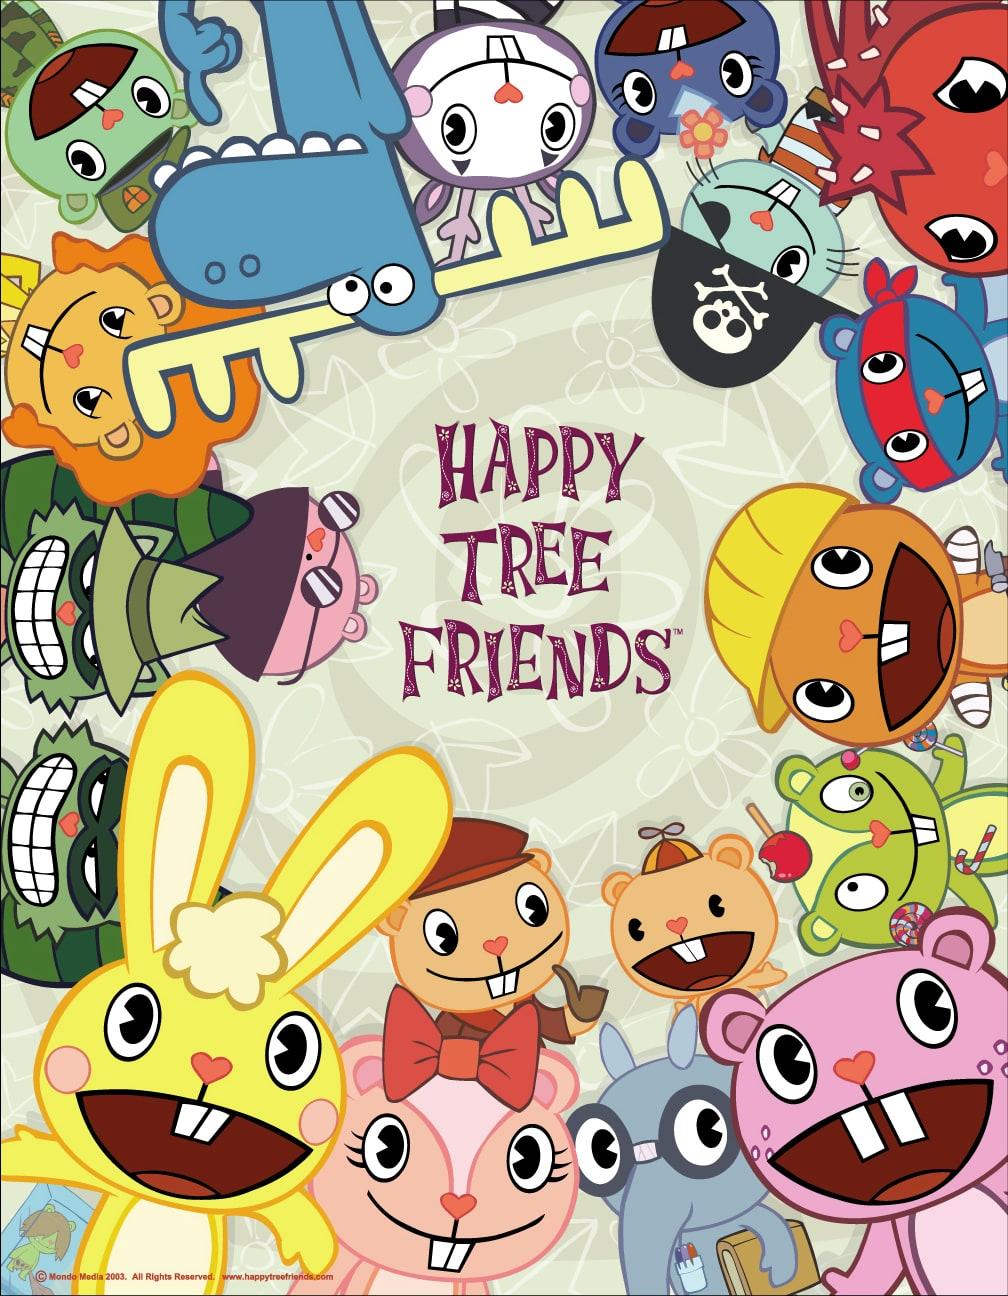 happy tree friends friends